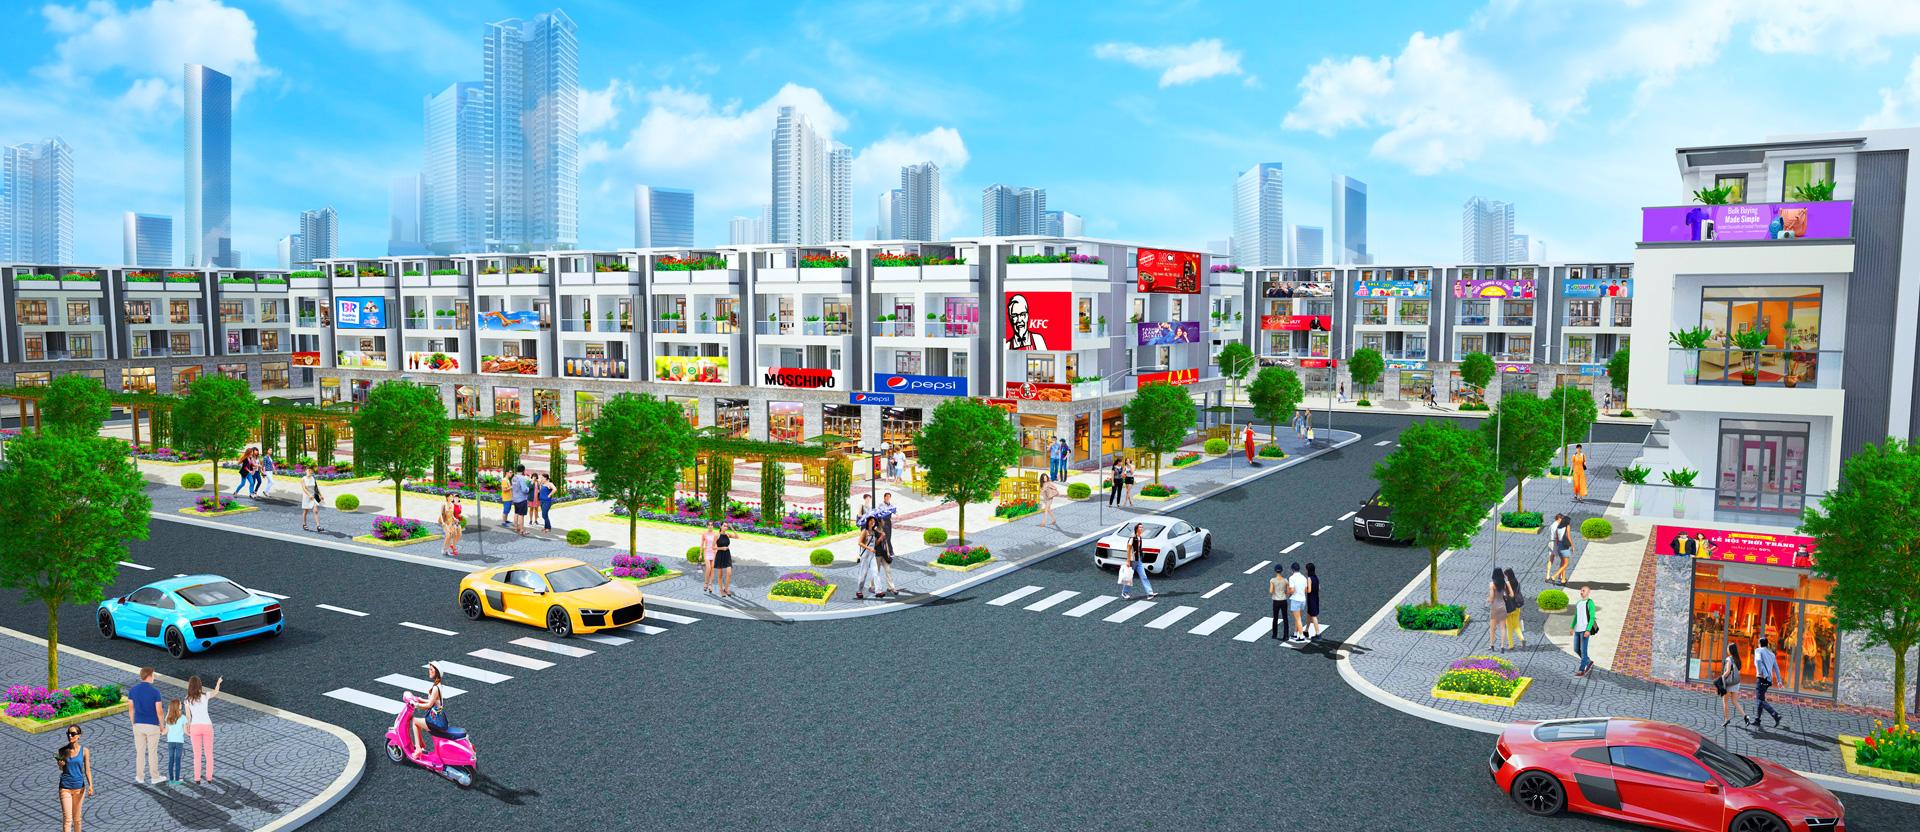 Du-An-Airlink-Town-Dat-Nen-Long-Thanh